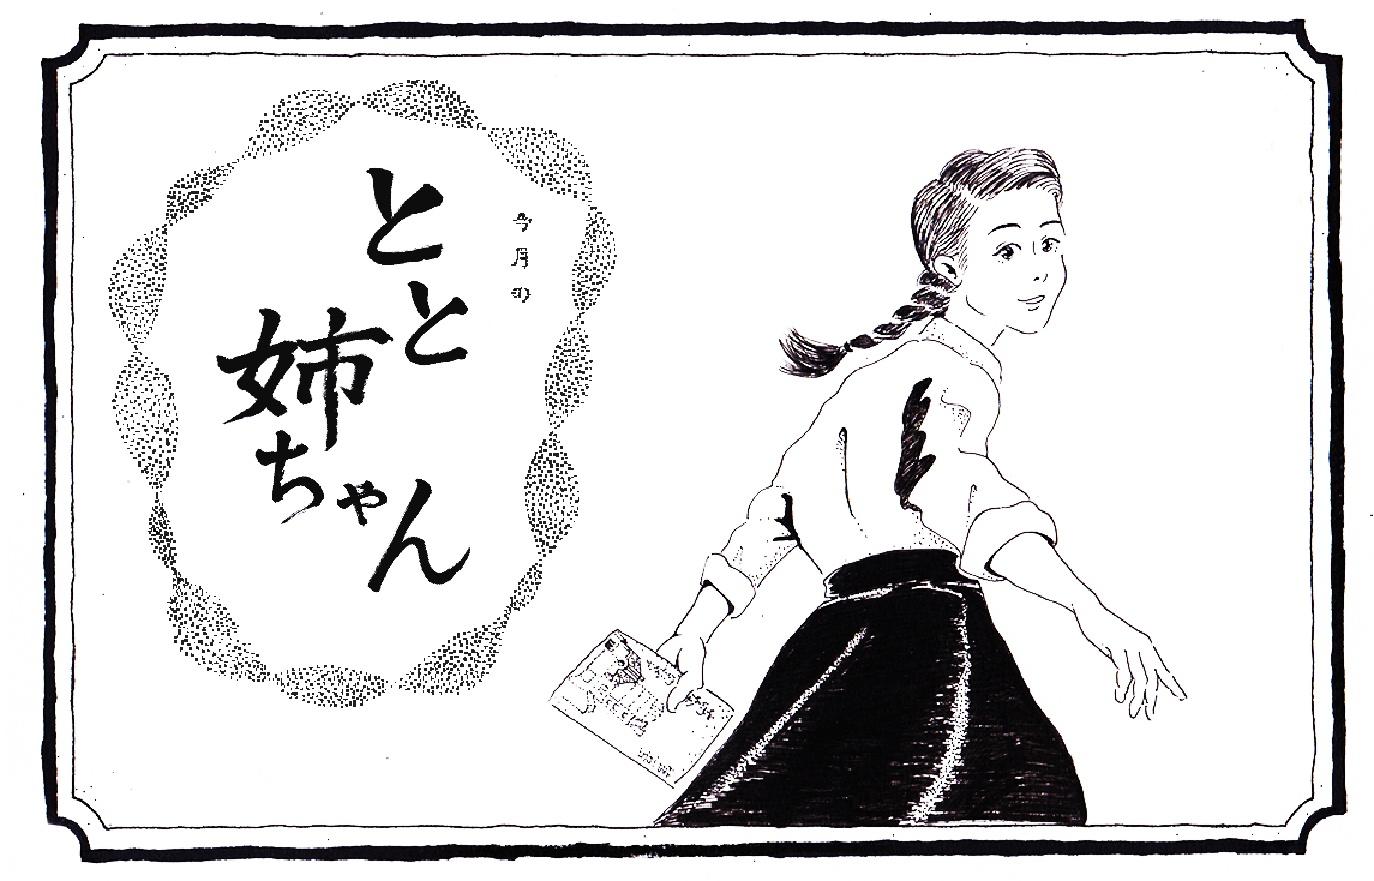 【とと姉ちゃん4月期レビュー】女が思うように生きるために大切なことって?